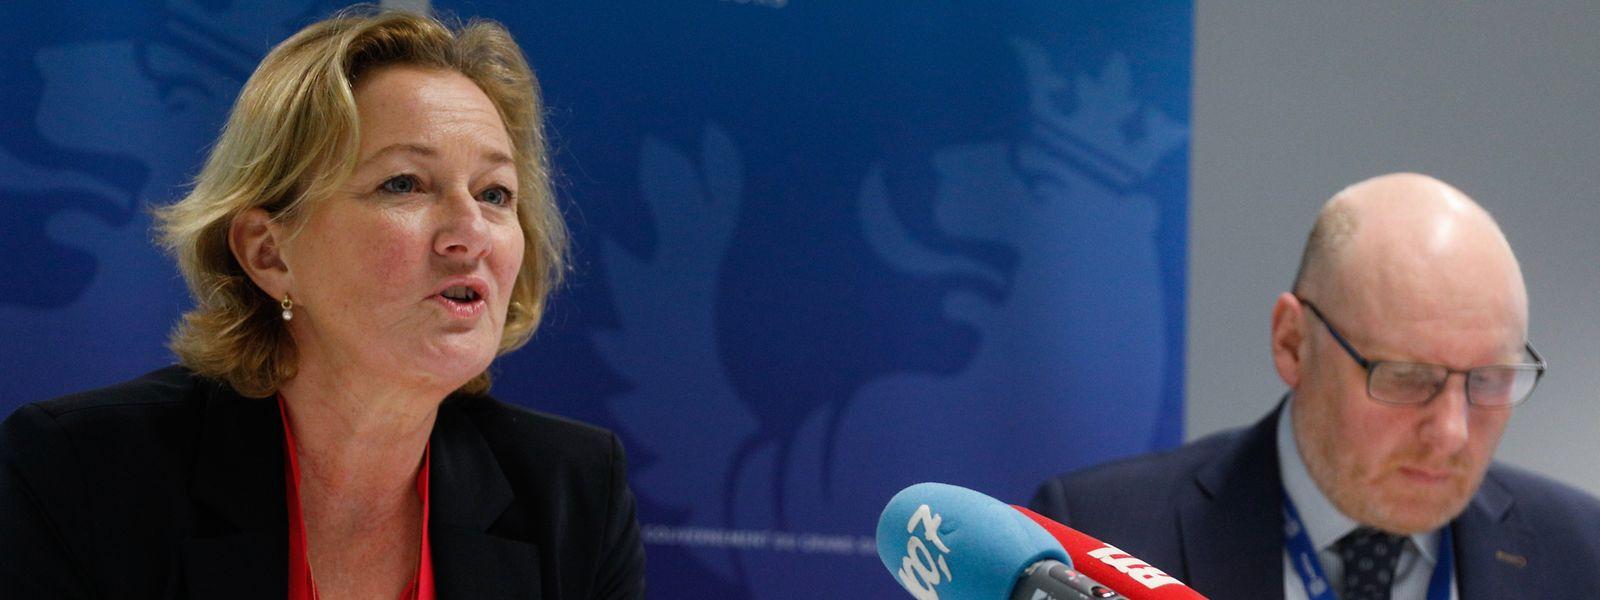 La ministre de la Protection des consommateurs, Paulette Lenert annonce qu'une première campagne d'information sur le système nutriscore «débutera dans le courant du printemps».